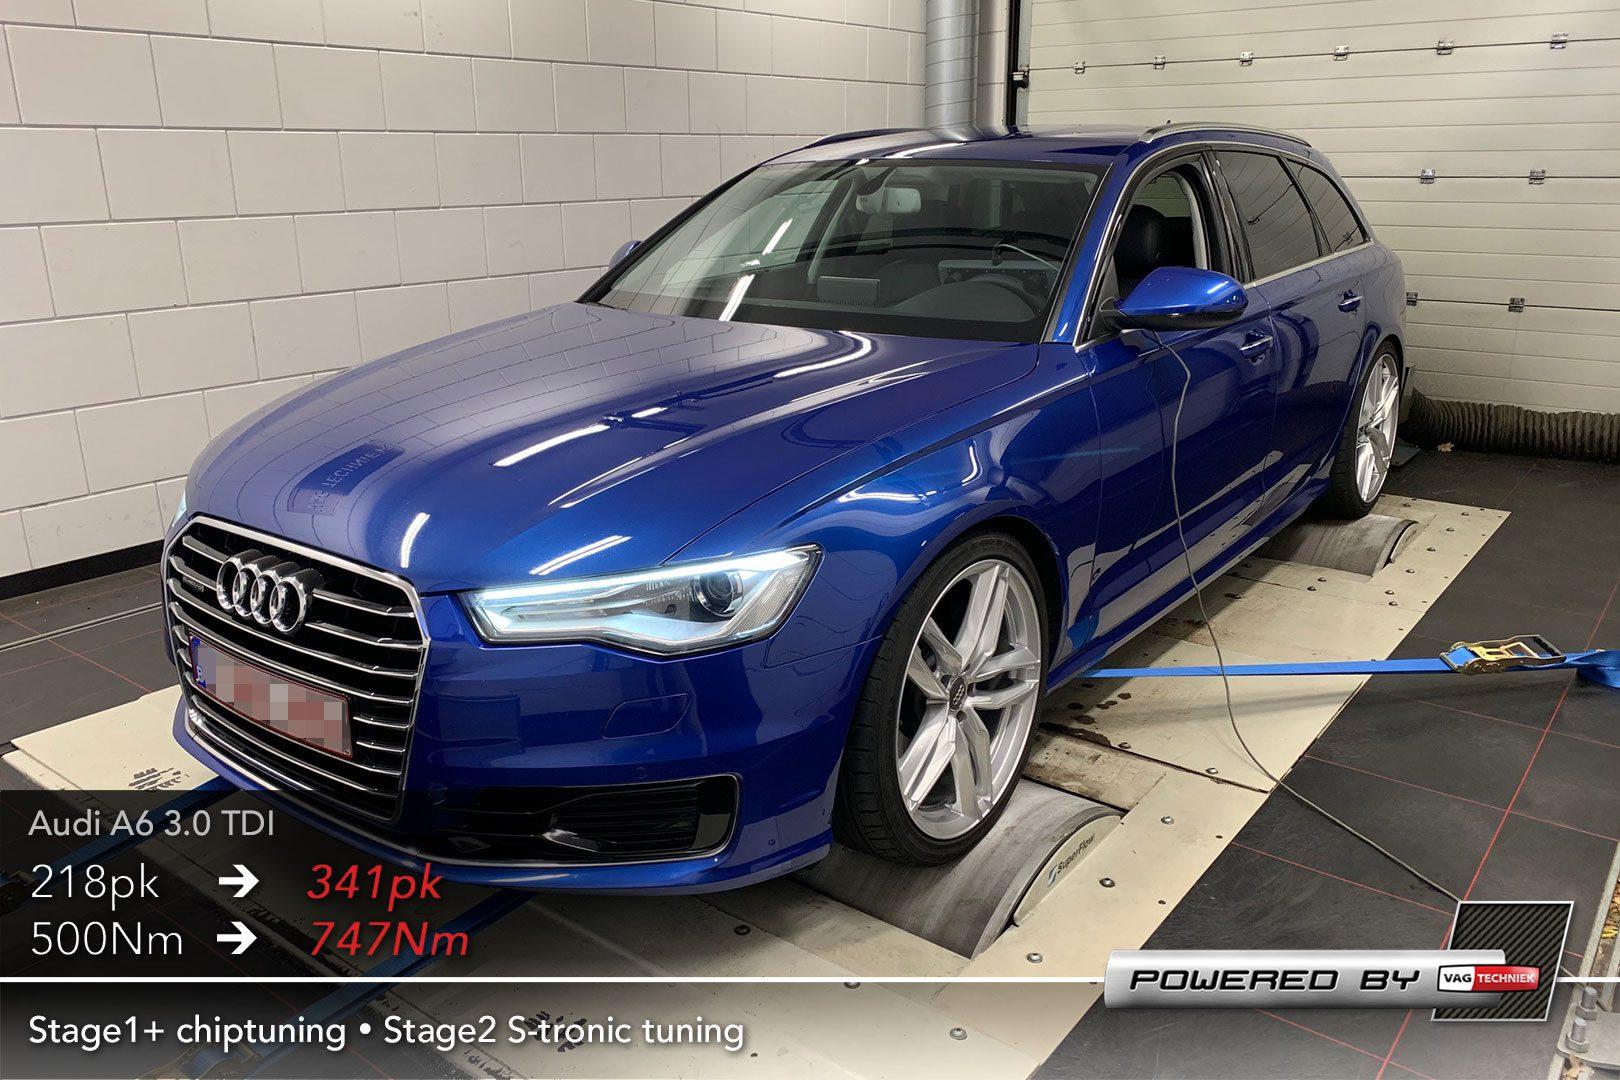 Audi A6 4g Facelift 3 0 Tdi V6 Cr 218pk Chiptuning 30 Korting Vagtechniek